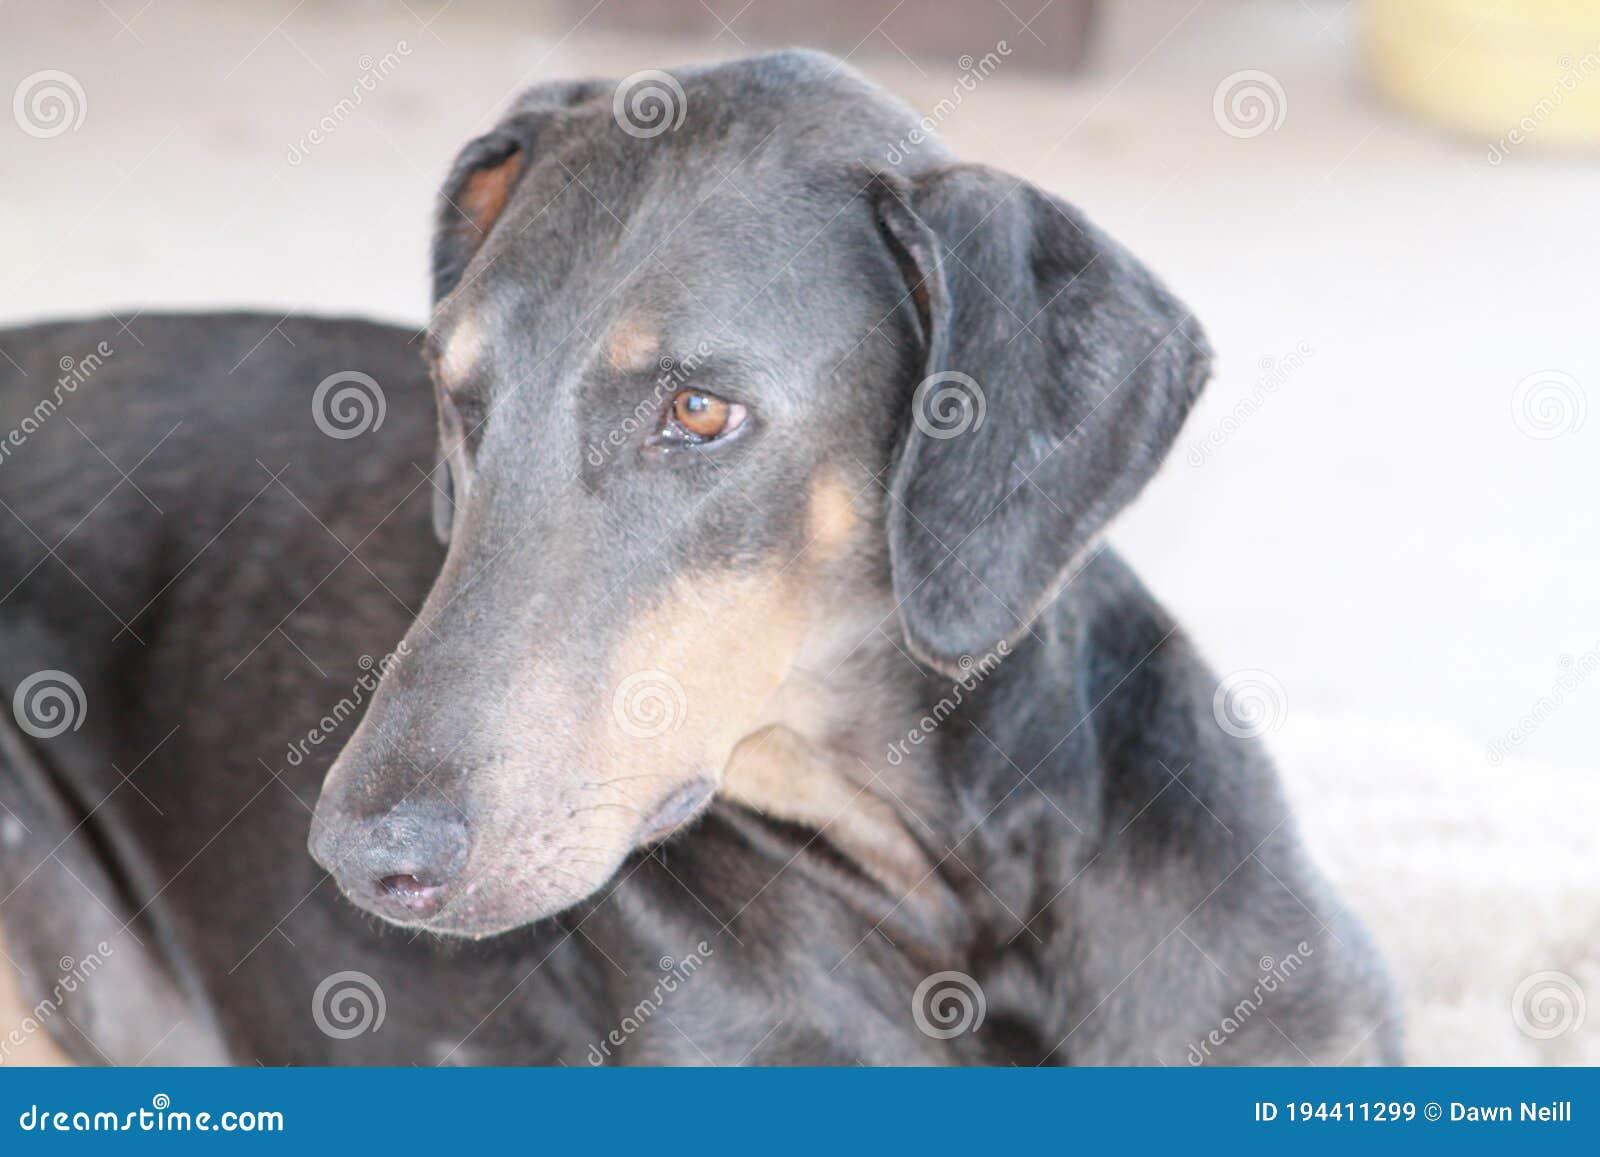 Closeup Of Blue Doberman Pinscher Dog Stock Image Image Of Short Closeup 194411299